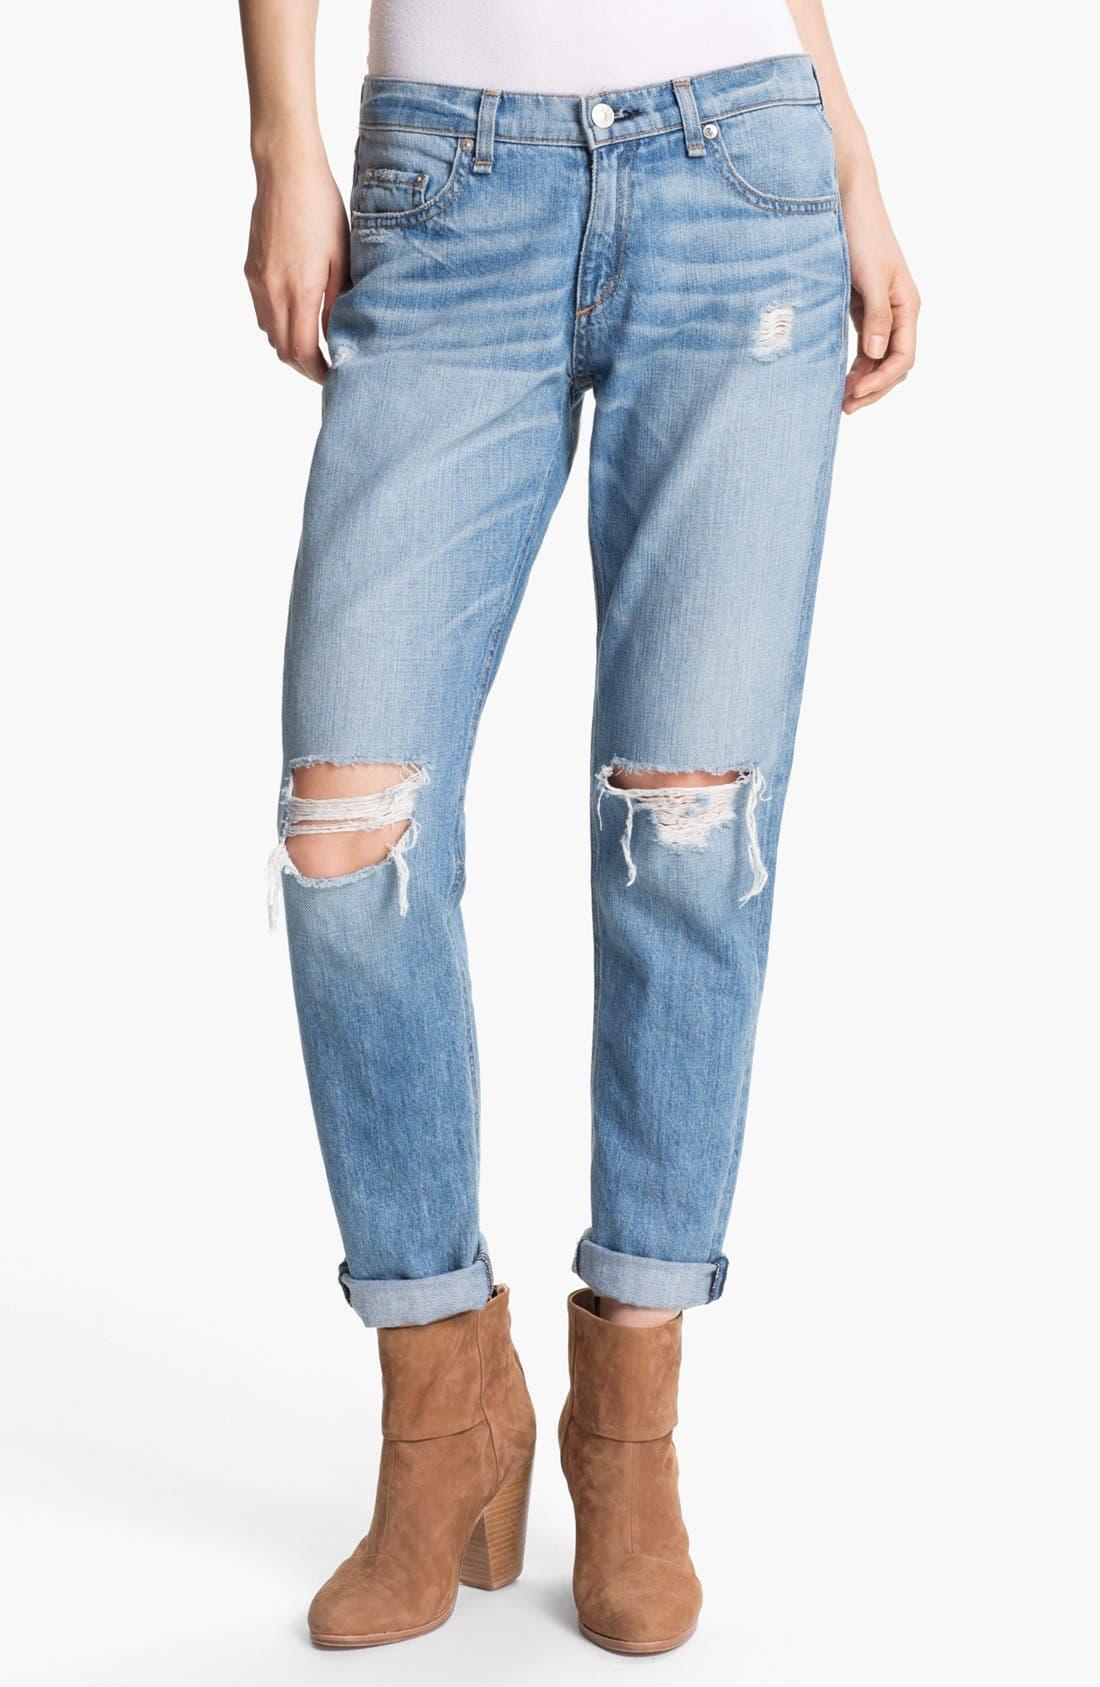 Alternate Image 1 Selected - rag & bone/JEAN Boyfriend Jeans (Moss)